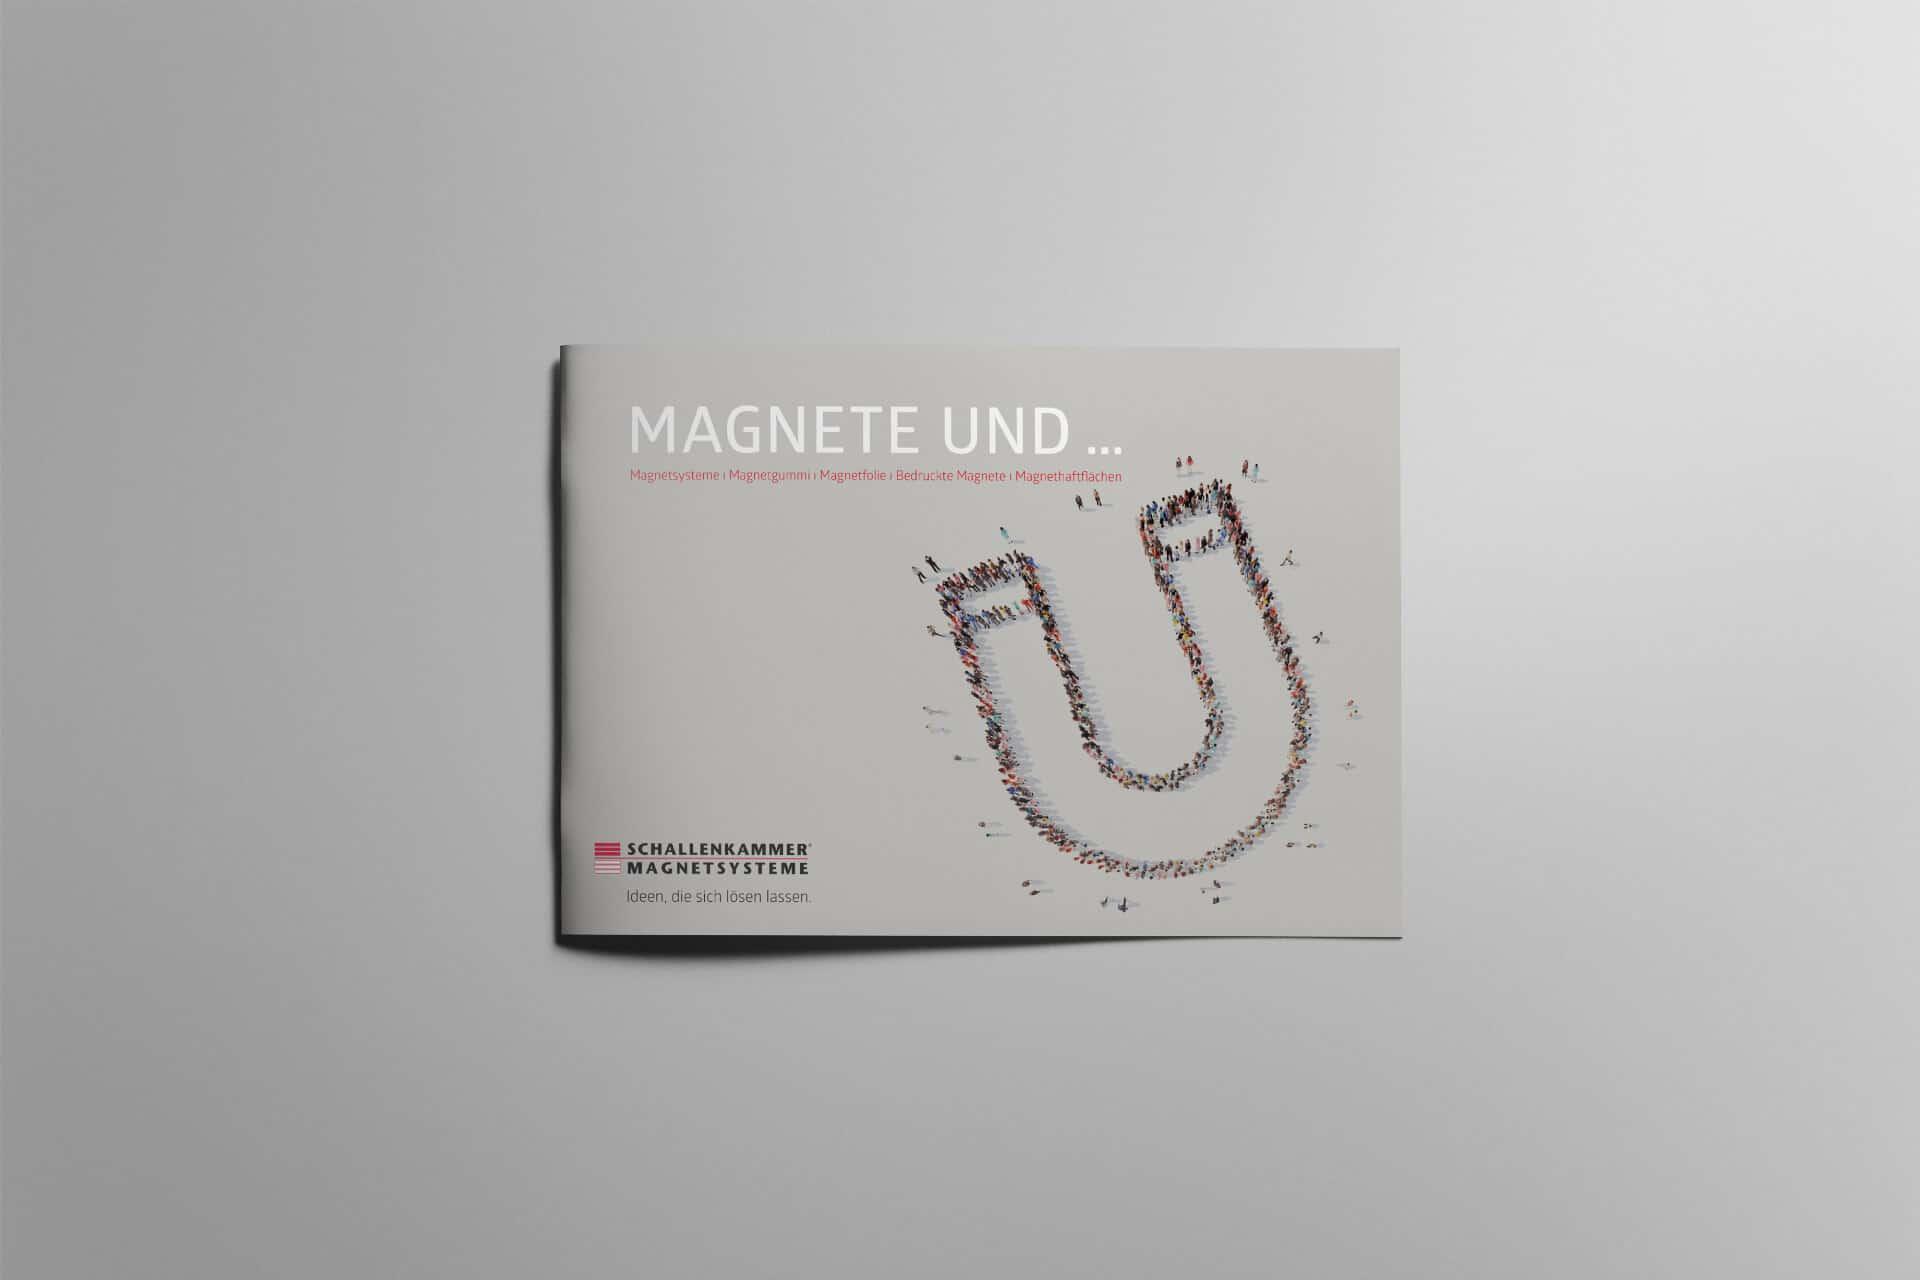 Schallenkammer-01 Buch-Klassische-Werbung-Referenz